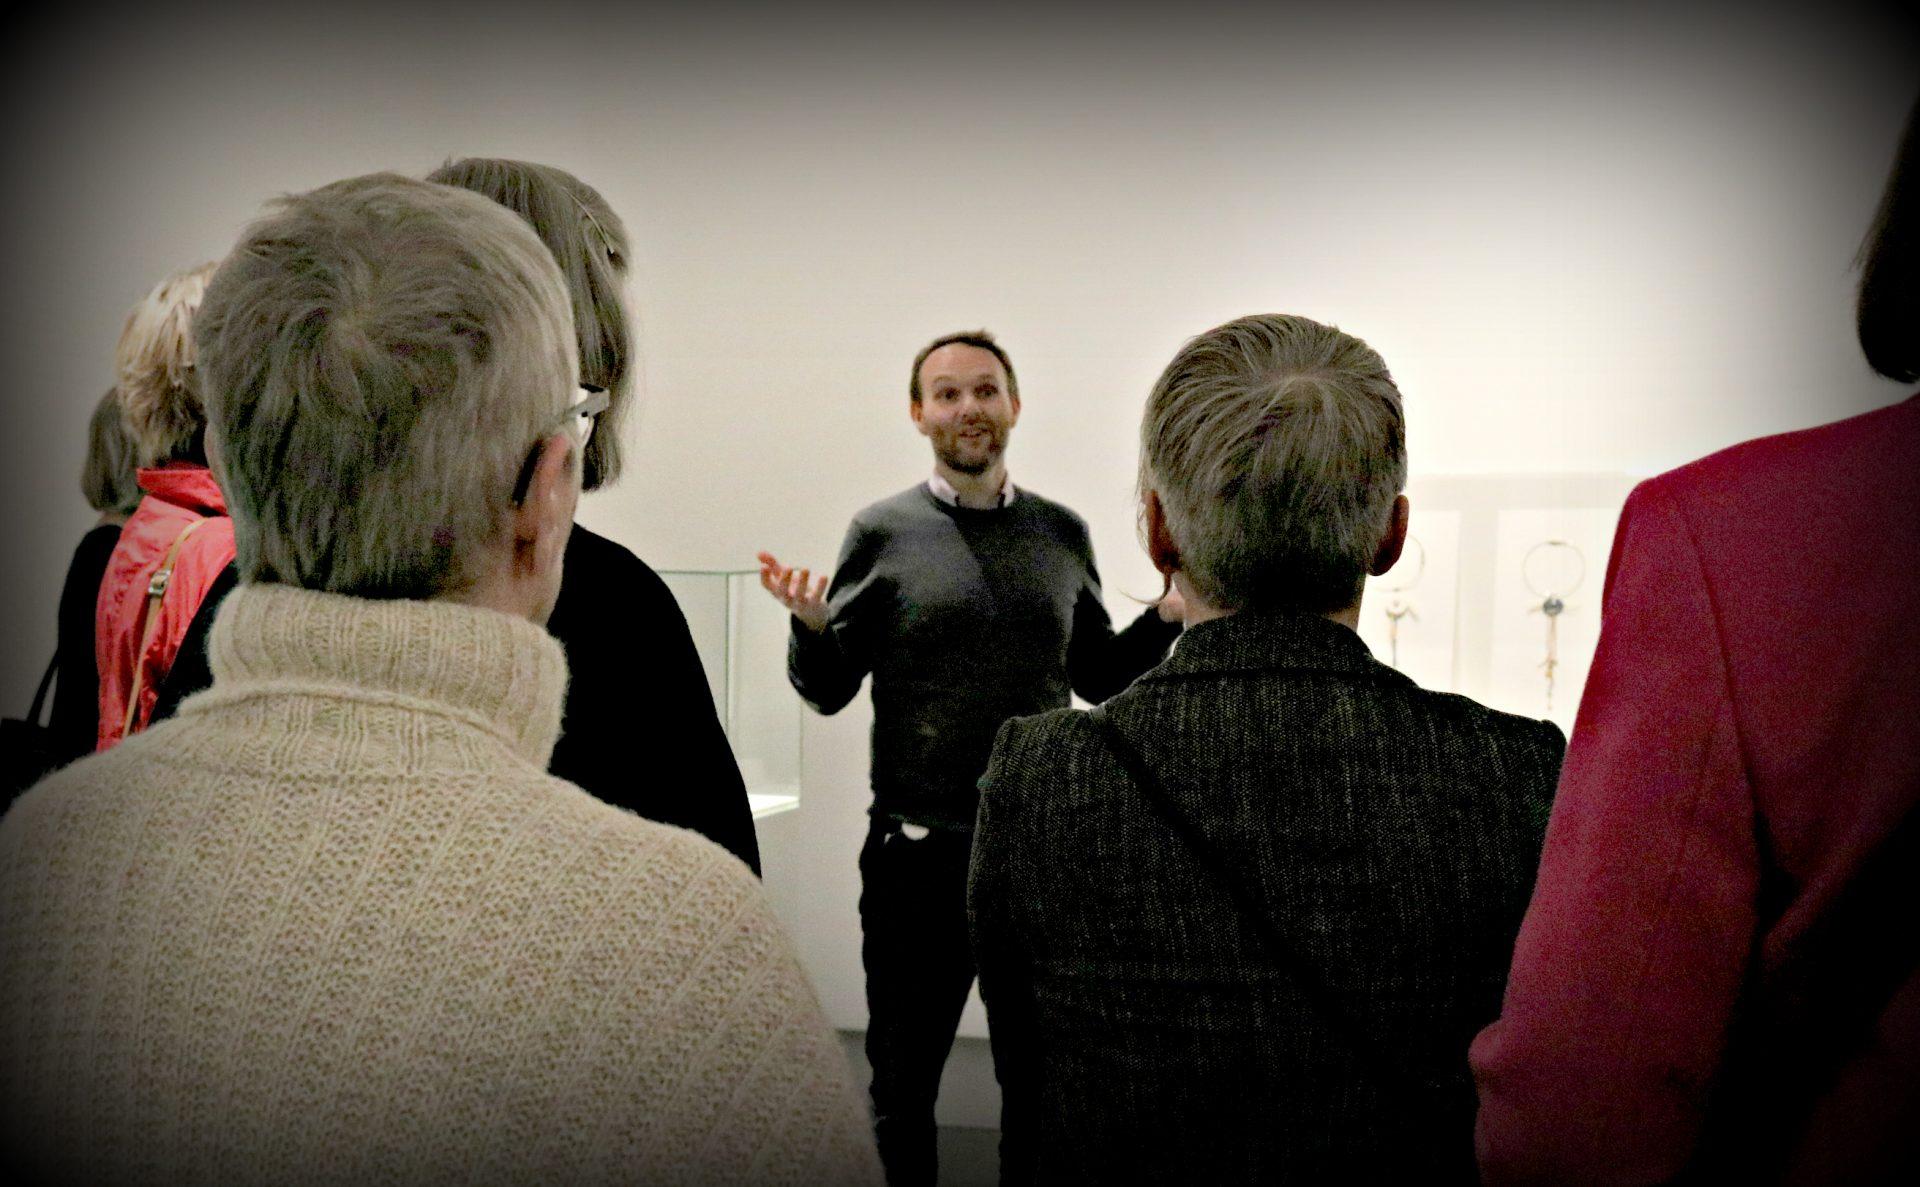 Kurs: Innføring i moderne kunsthistorie del 3